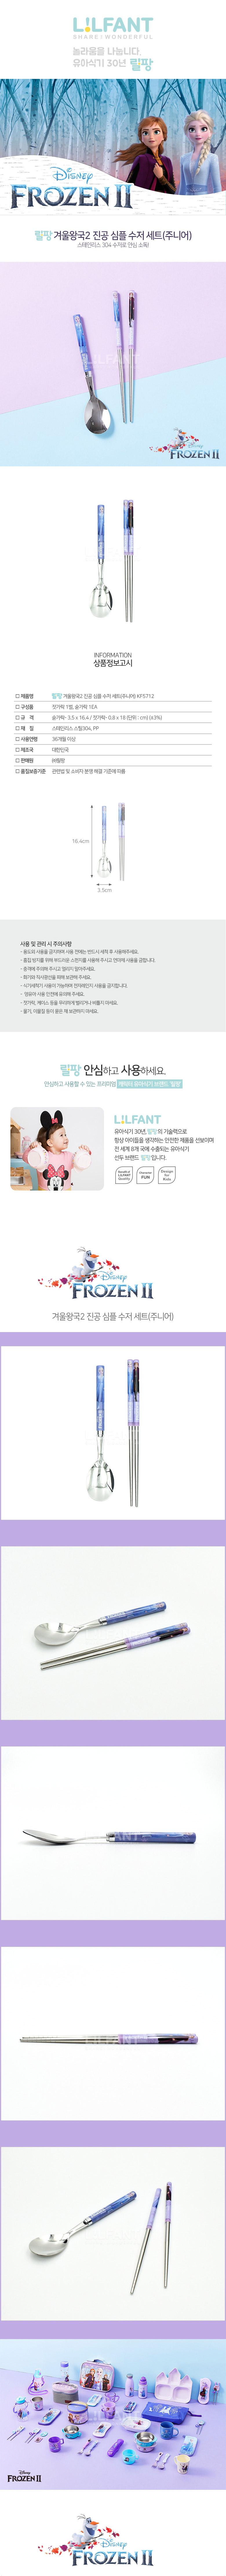 겨울왕국2 진공 심플 수저세트 (주니어) - 디자인에버, 10,000원, 유아식기/용품, 수저/포크/젓가락